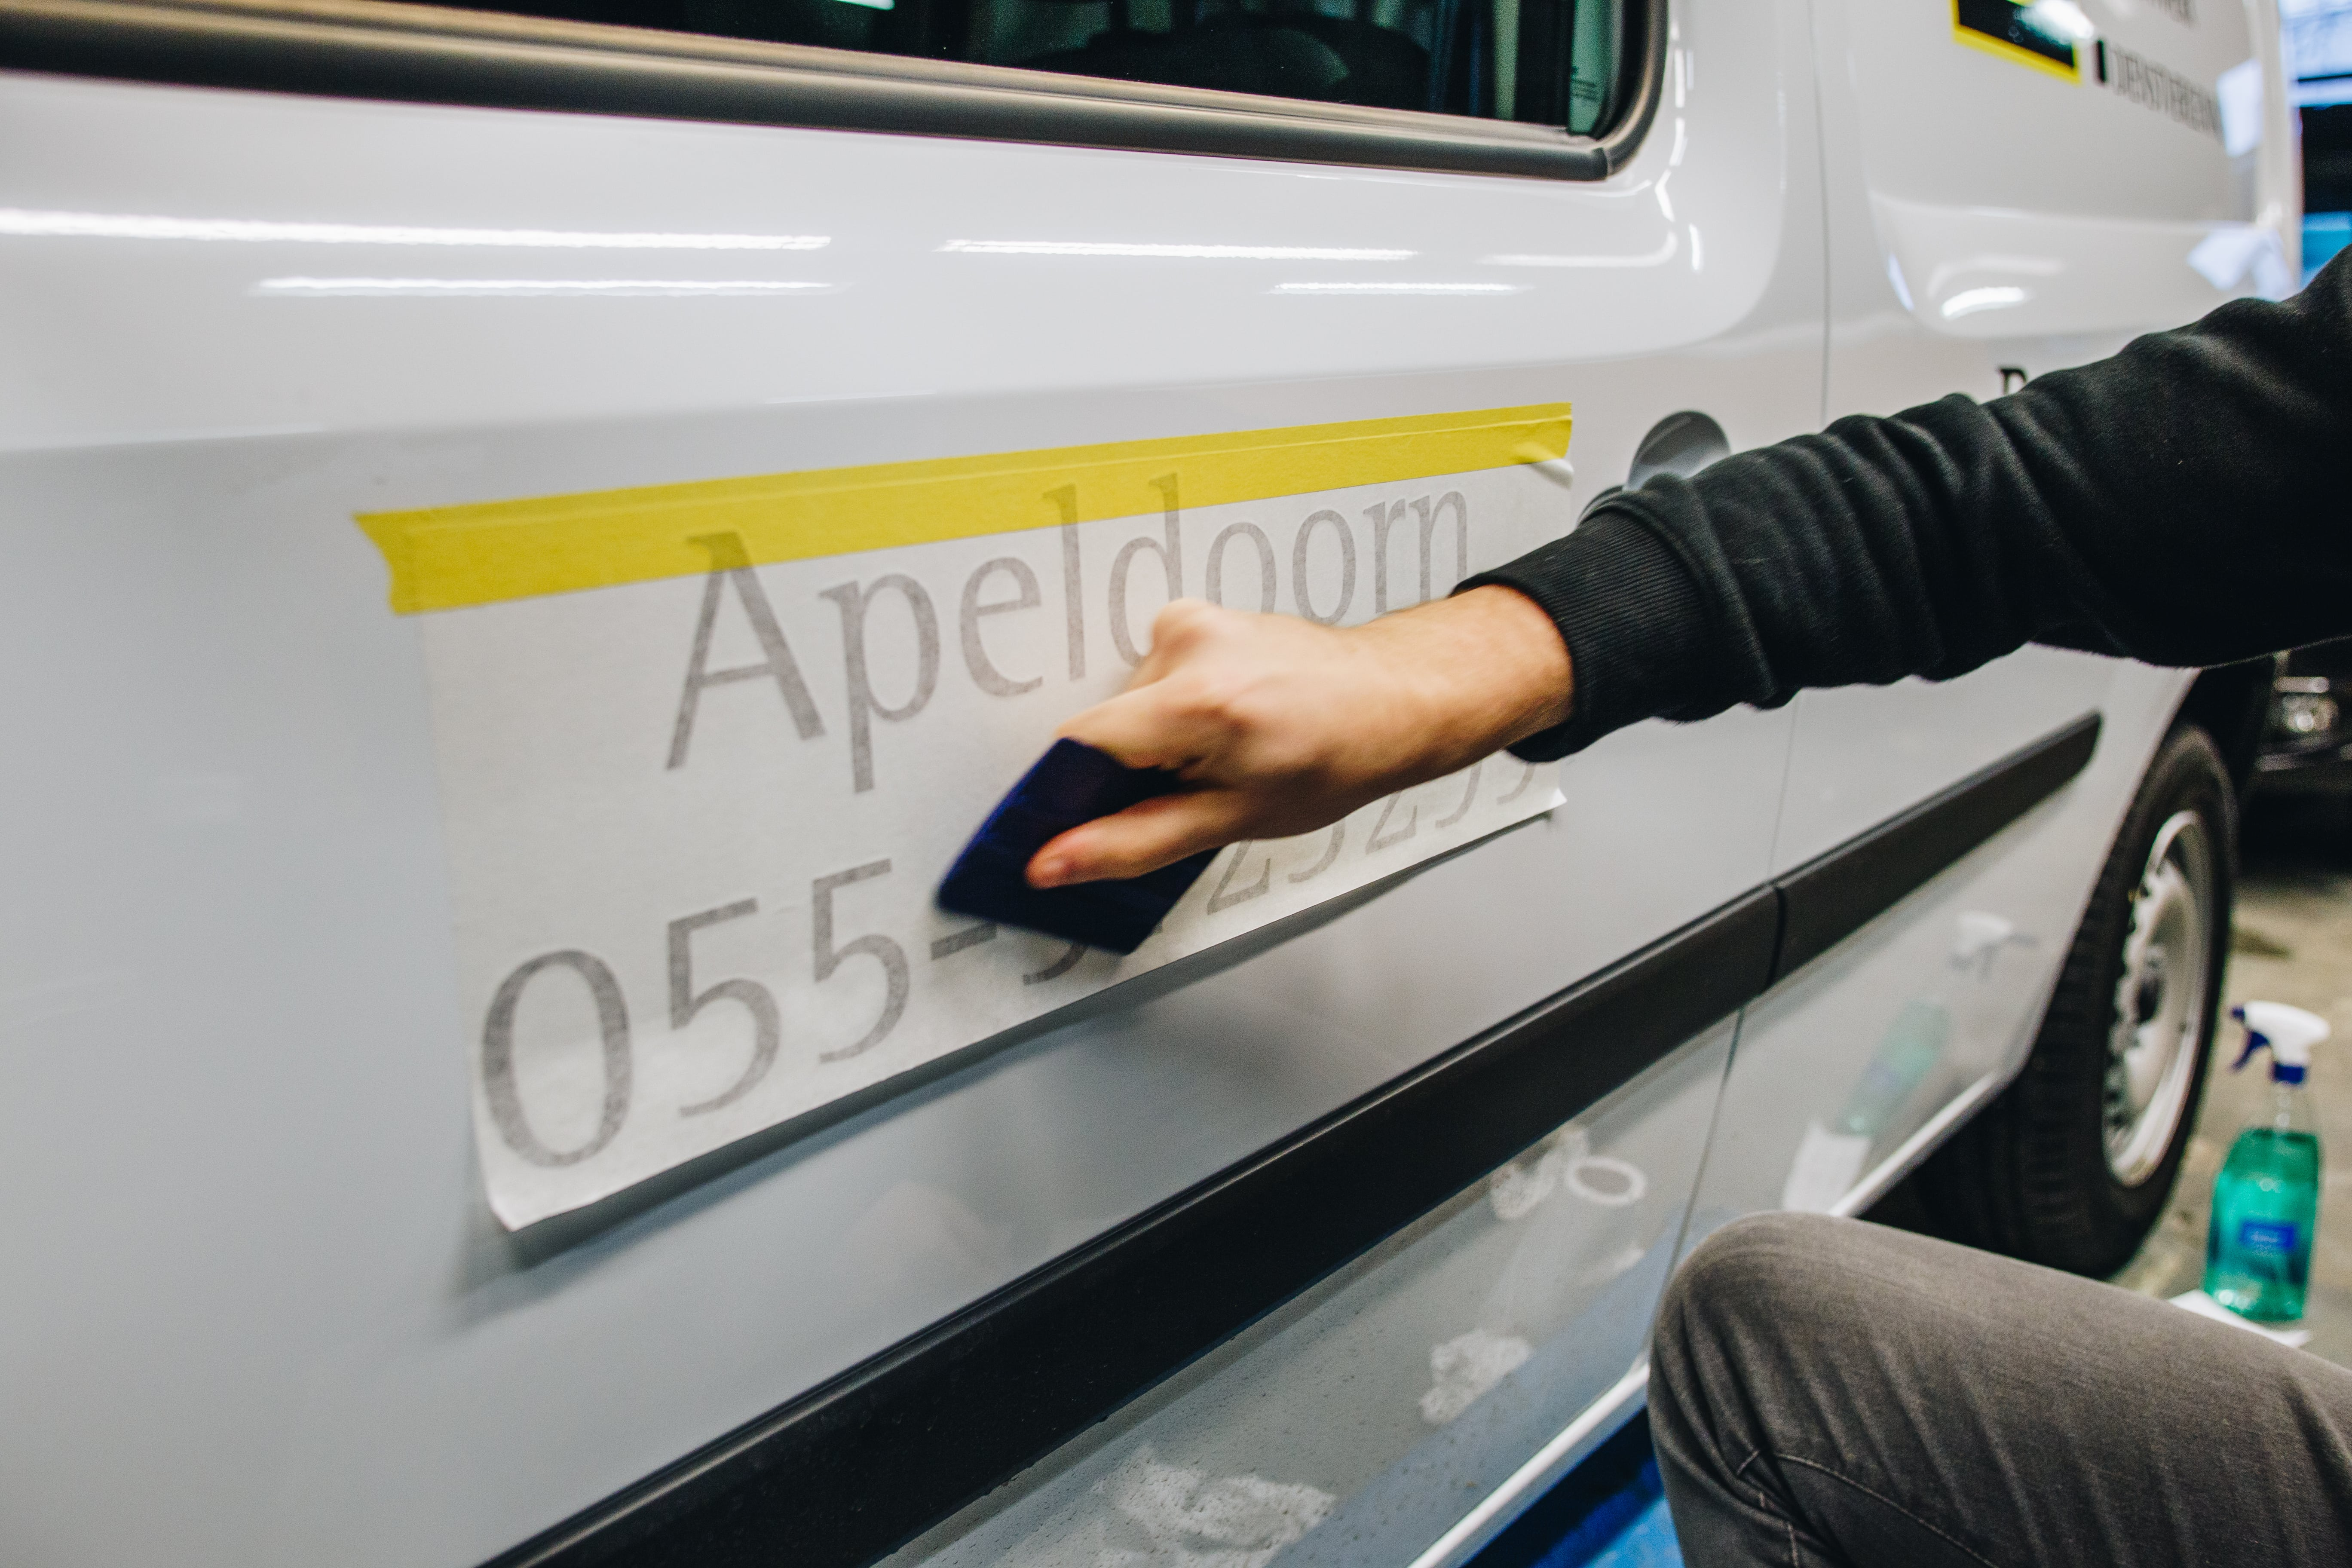 Letterline Reclame - epe - autobelettering - sign - reclamebedrijf - reclamebureau - apeldoorn - heerde - hattem - zwolle